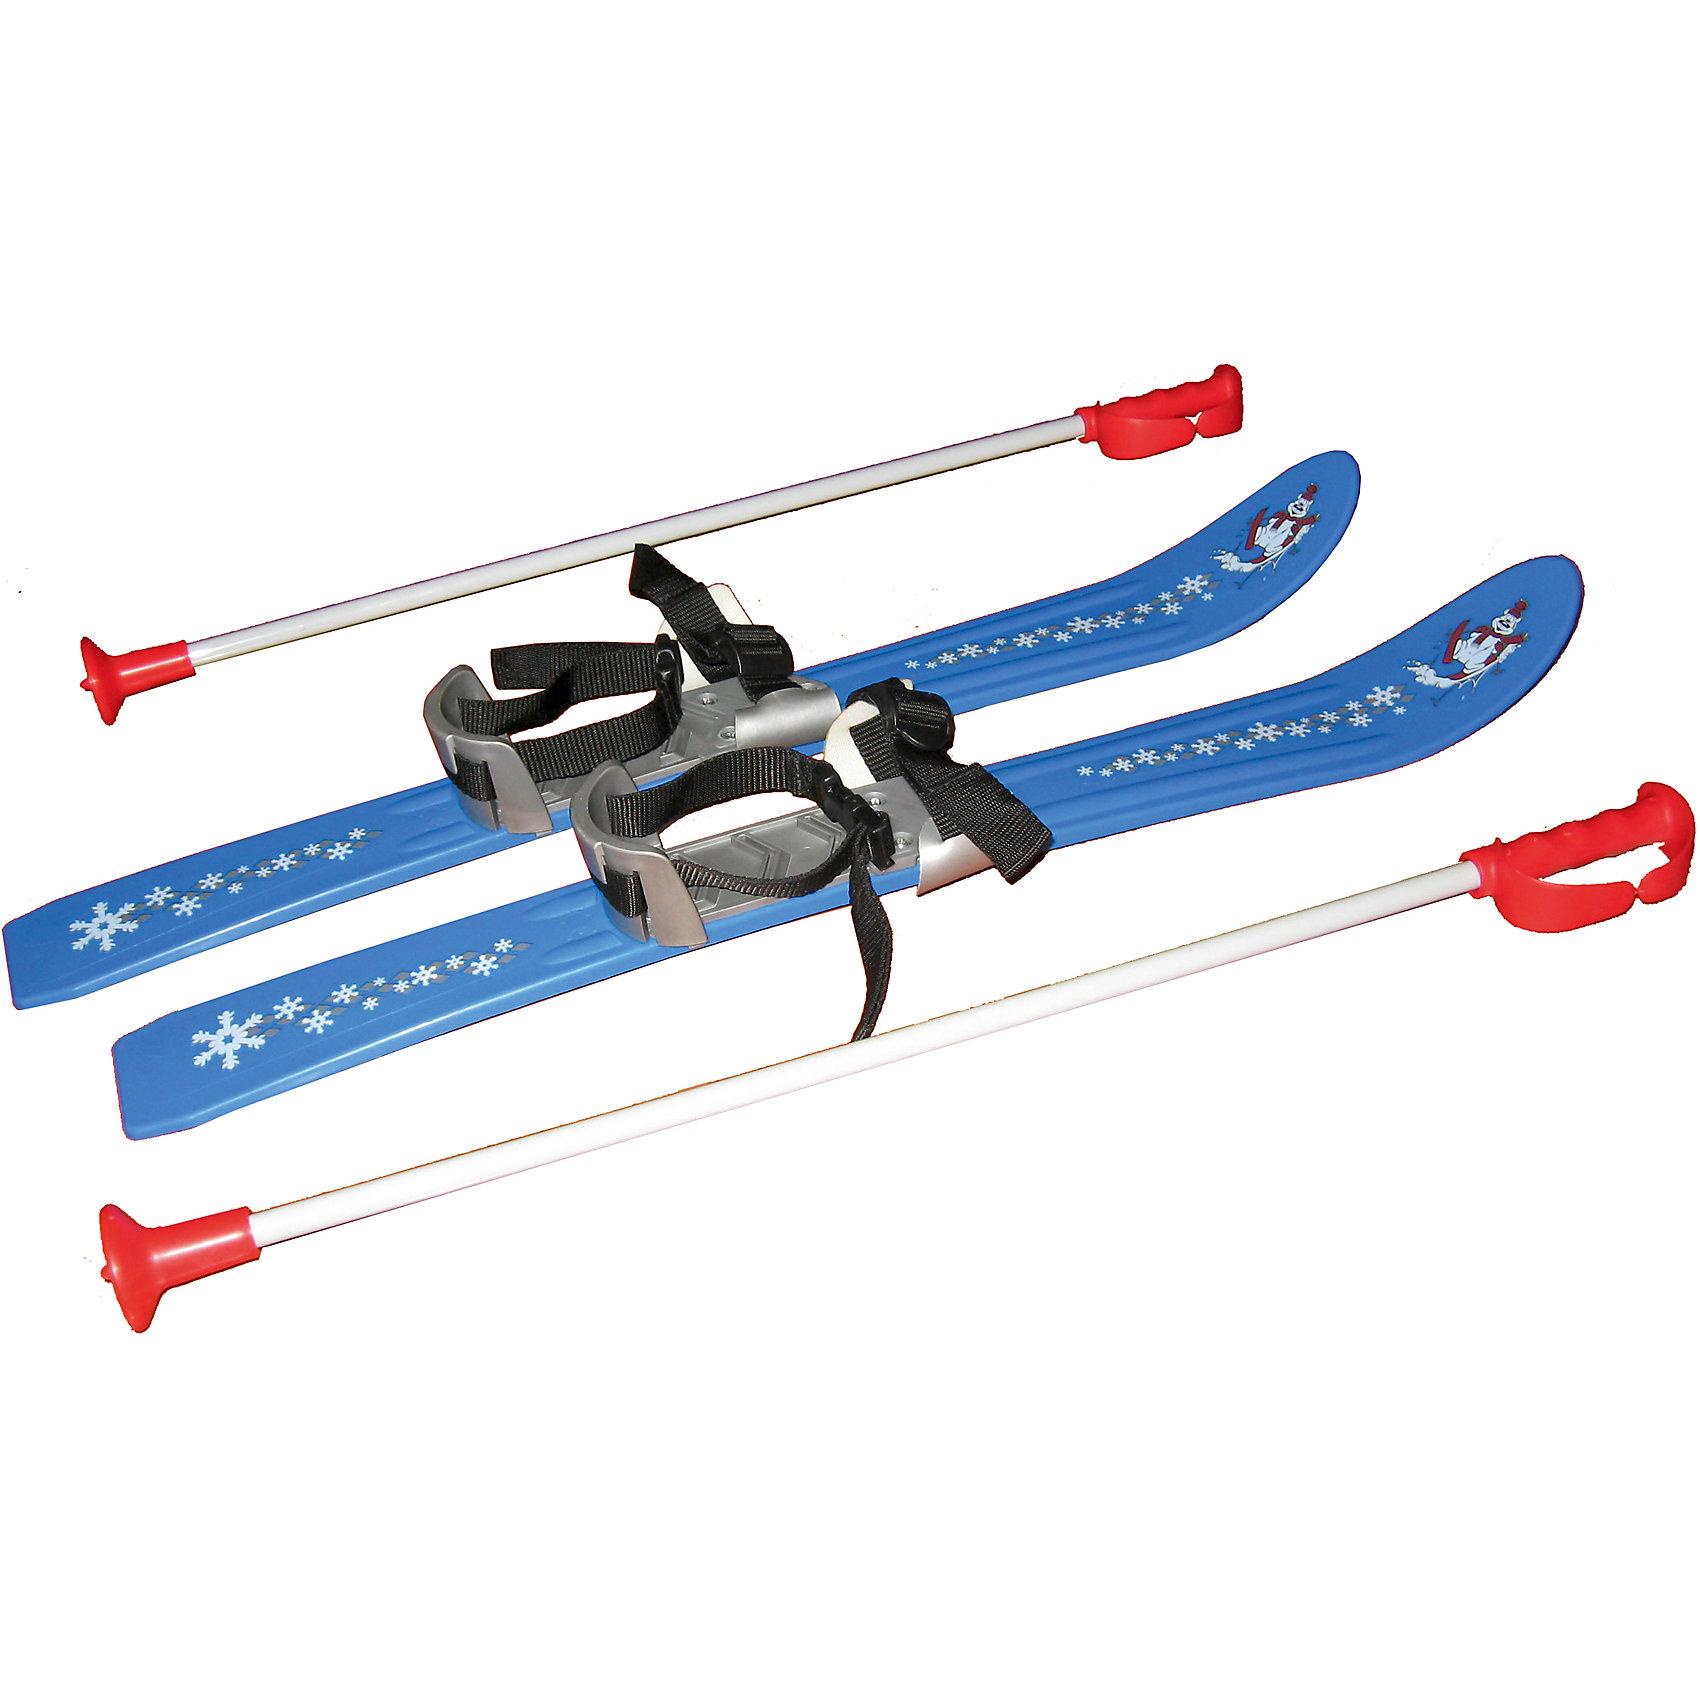 Лыжи Baby Ski 70Катание на лыжах - прекрасный вариант для активного отдыха зимой. Яркие лыжи вызовут у детей бурю положительных эмоций и помогут быстро научиться кататься. Модель оснащена удобными креплениями, которые подходят для любой обуви и антискользящей накладкой, помогающей сохранить неподвижность стопы во время катания. Лыжи украшены узором в виде снежинок. Удобные палки имеют пластиковые петли для рук и пластиковые, безопасные наконечники. Отличный вариант для зимних забав! Игры и прогулки на свежем воздухе очень полезны для детей, они укрепляют иммунитет ребенка и, конечно, дарят хорошее настроение. <br><br>Дополнительная информация:<br><br>- Материал: пластик.<br>- Размер (лыжи): 70 х 7,5 см. <br>- Длина палок: 65 см.<br>- Комплектация: палки, лыжи. <br>- Удобные крепления с антискользящей накладкой. <br>- Максимальная нагрузка: 50 кг.<br>- Цвет: голубой.<br><br>Лыжи Baby Ski 70 можно купить в нашем магазине.<br><br>Ширина мм: 720<br>Глубина мм: 700<br>Высота мм: 220<br>Вес г: 980<br>Возраст от месяцев: 36<br>Возраст до месяцев: 96<br>Пол: Унисекс<br>Возраст: Детский<br>SKU: 4295763